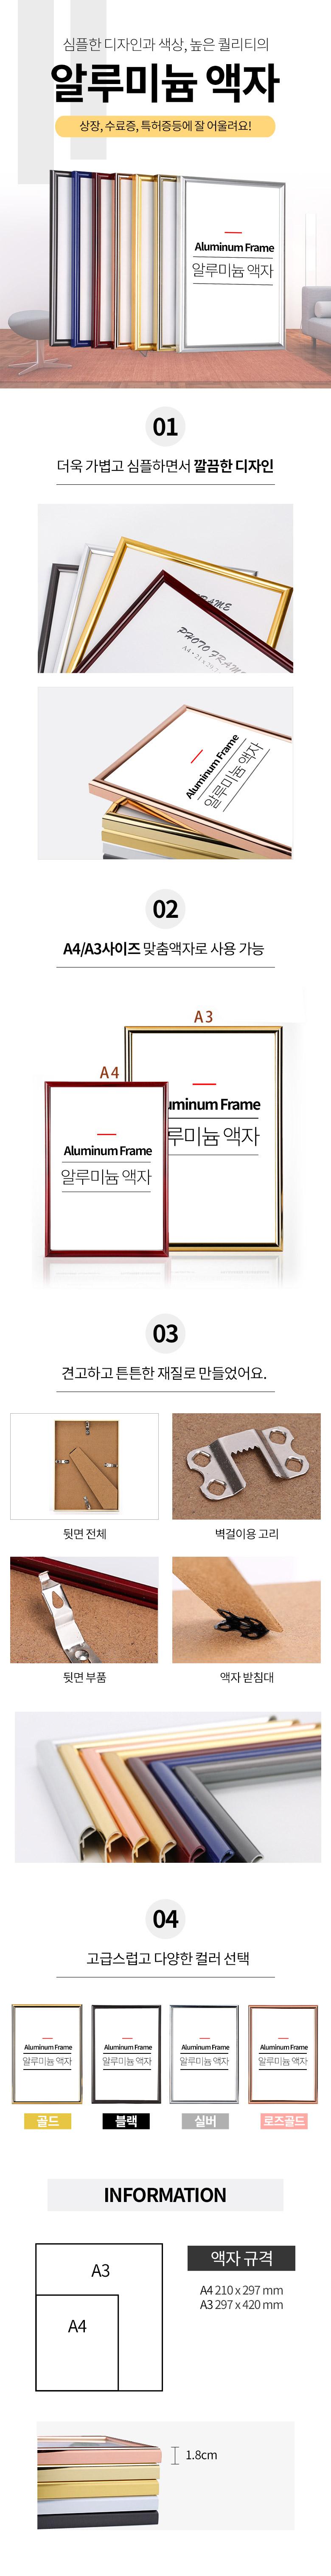 알루미늄액자 액자프레임 - 홀트레이드, 6,900원, 액자, 벽걸이액자